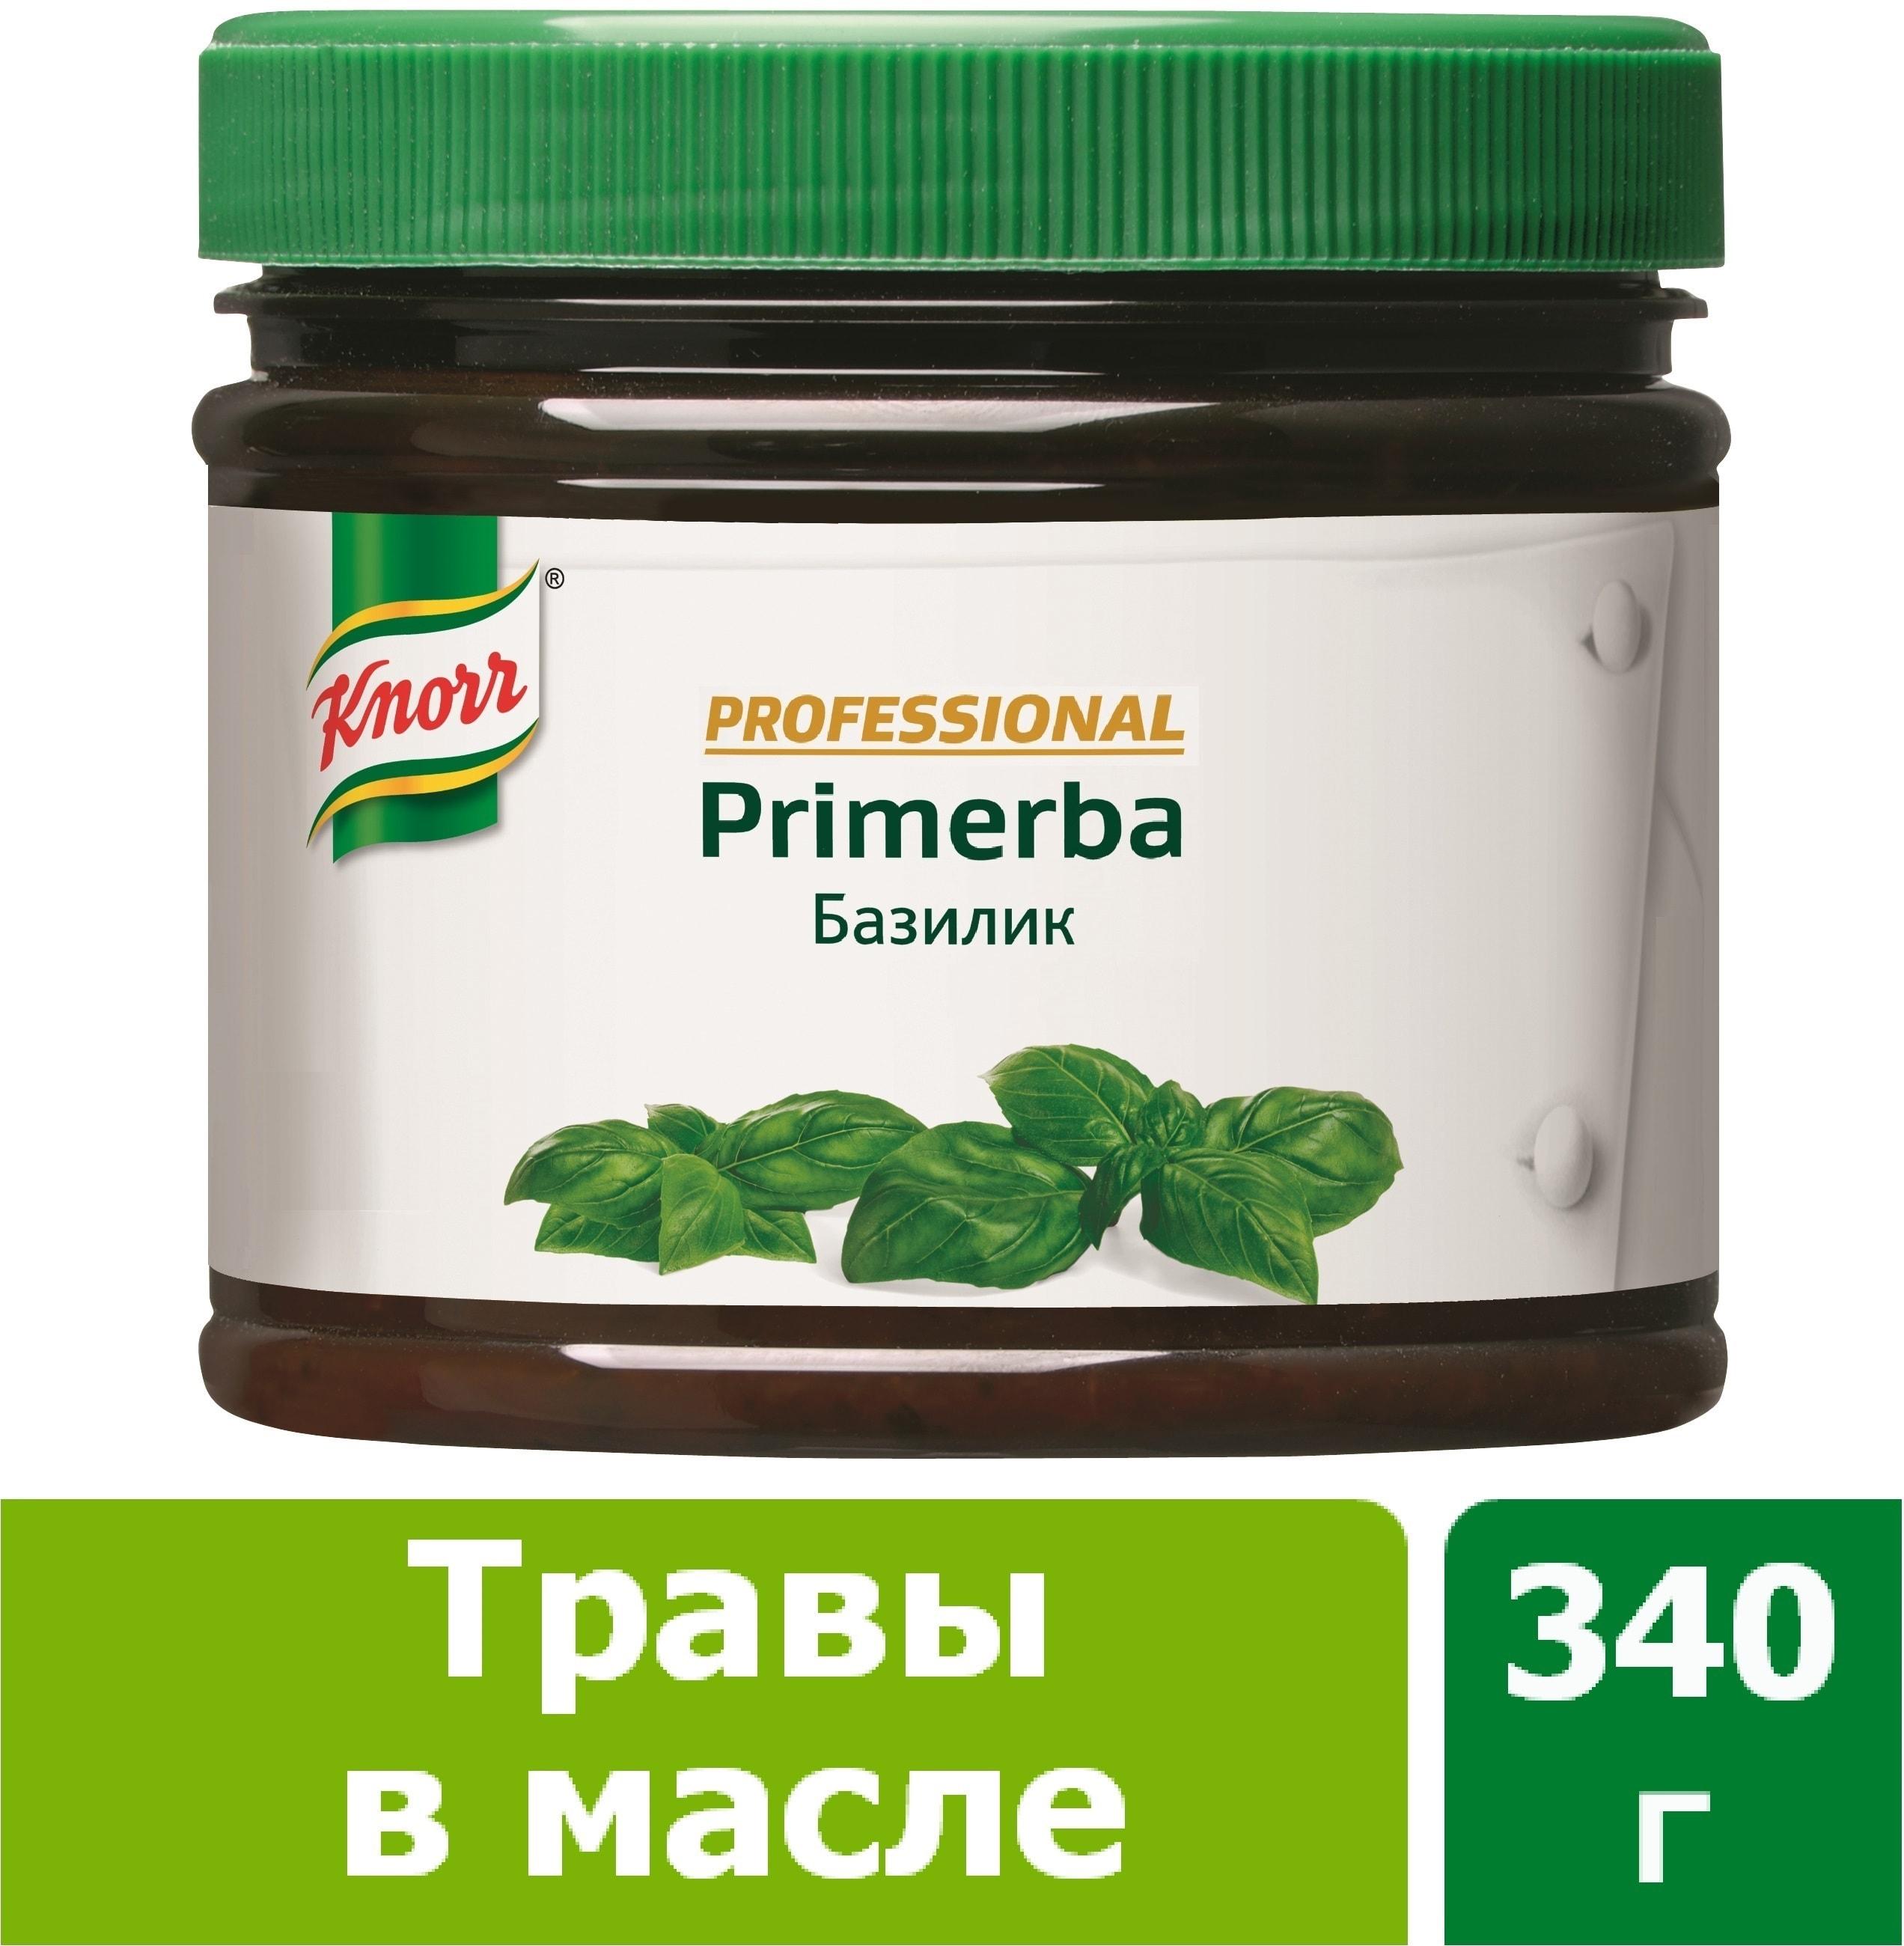 KNORR Primerba Приправа в растительном масле Базилик (340г) - KNORR Primerba- это свежие травы высокого качества круглый год.